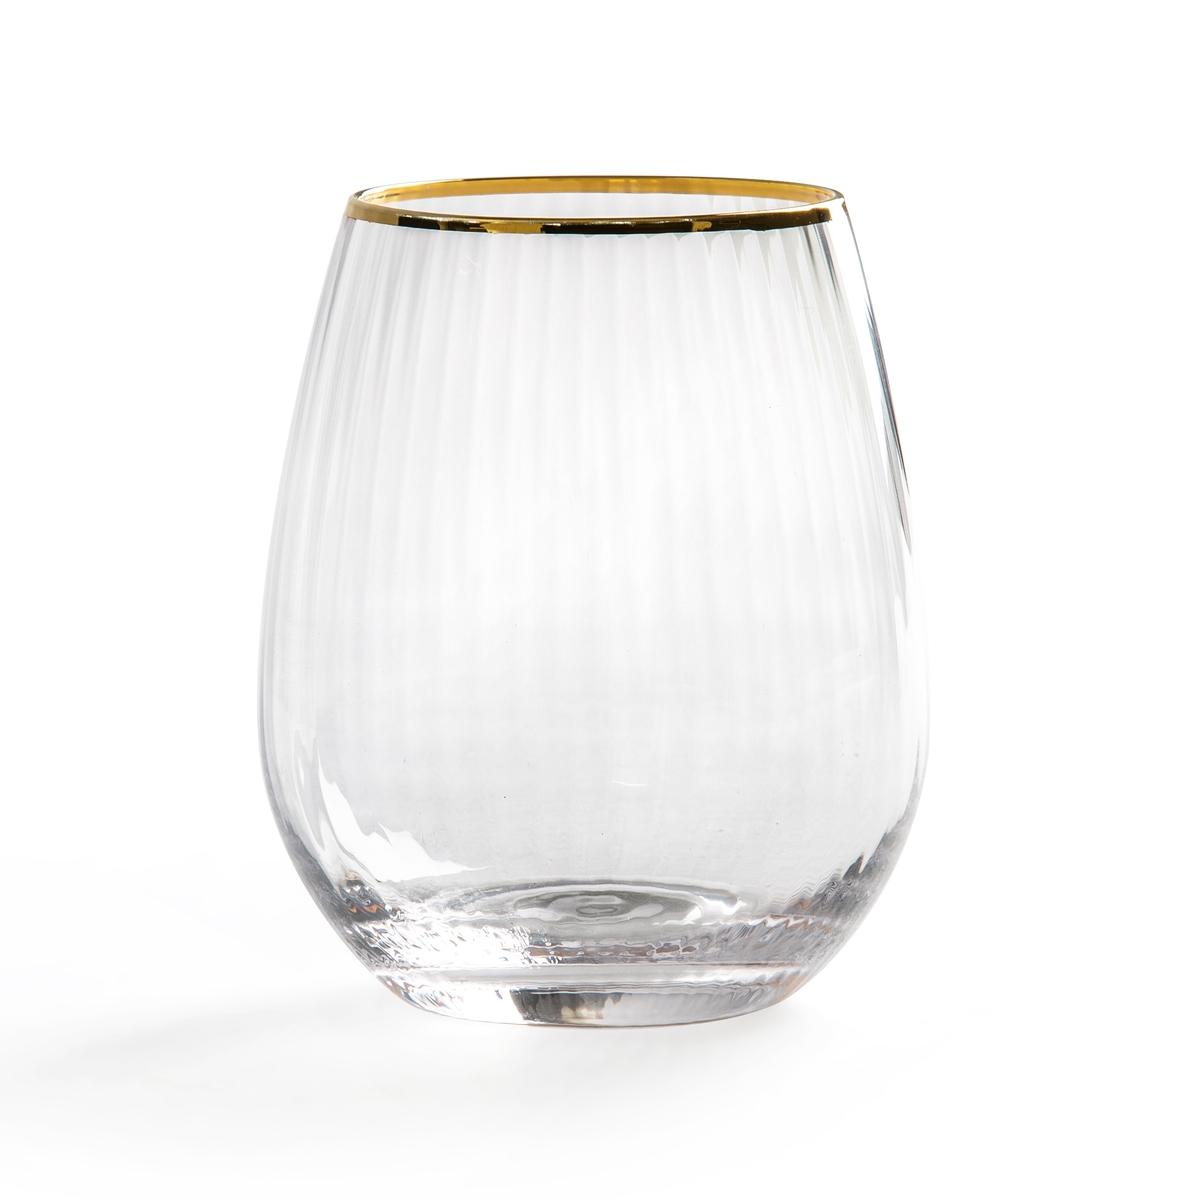 Комплект из бокалов из La Redoute Граненого стекла Lurik единый размер другие